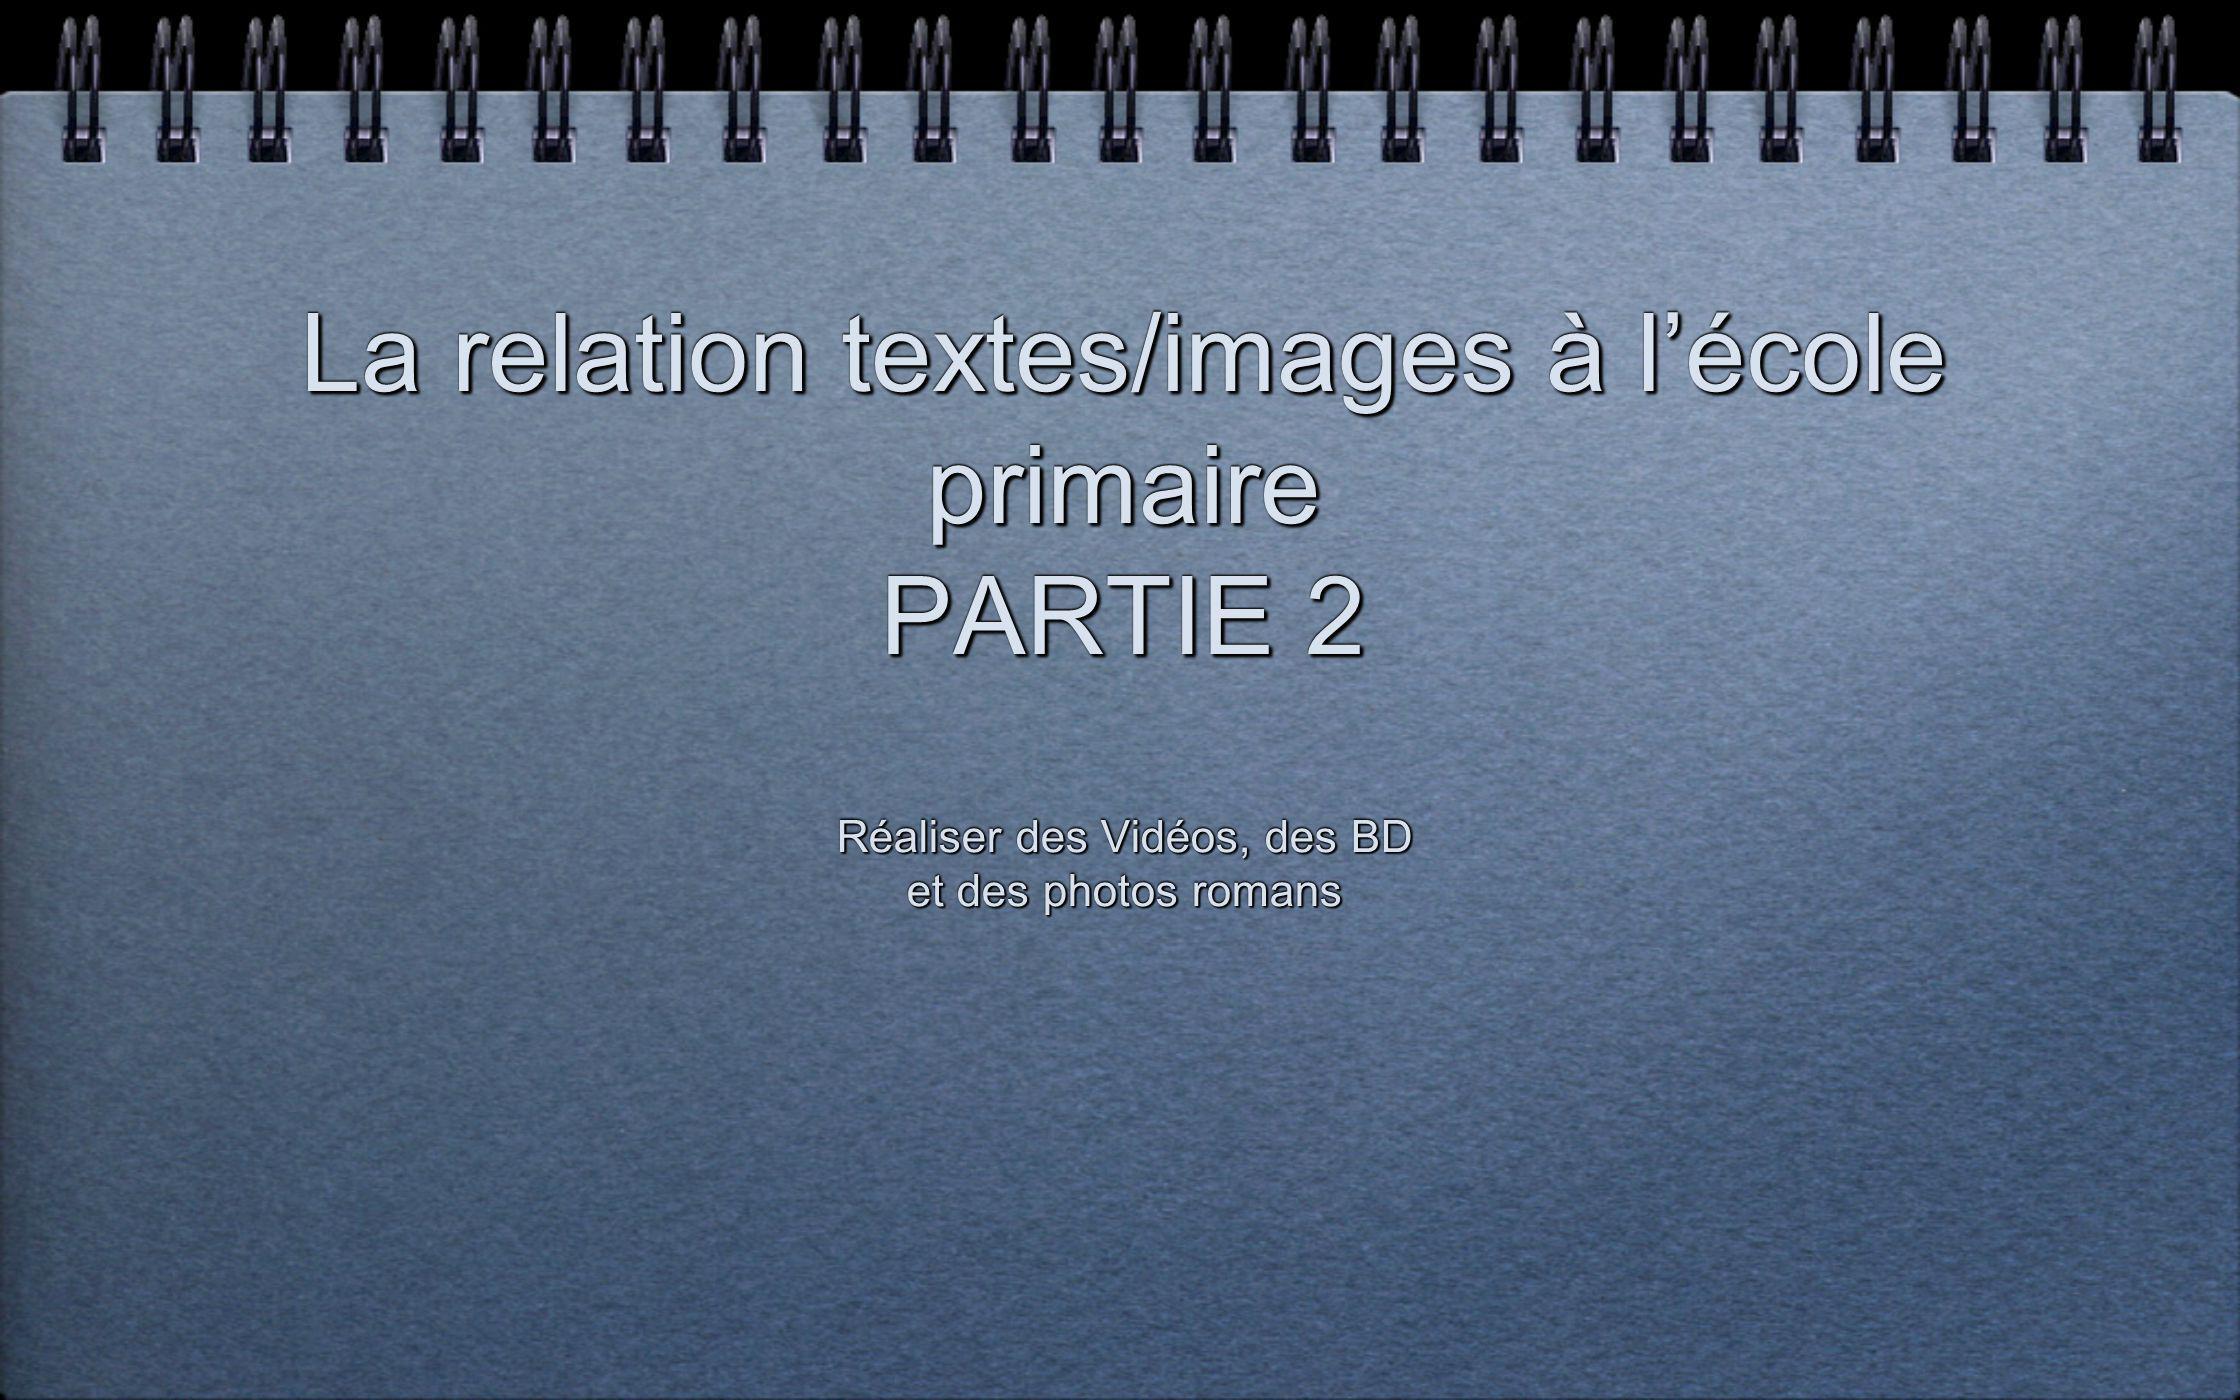 La relation textes/images à l'école primaire PARTIE 2